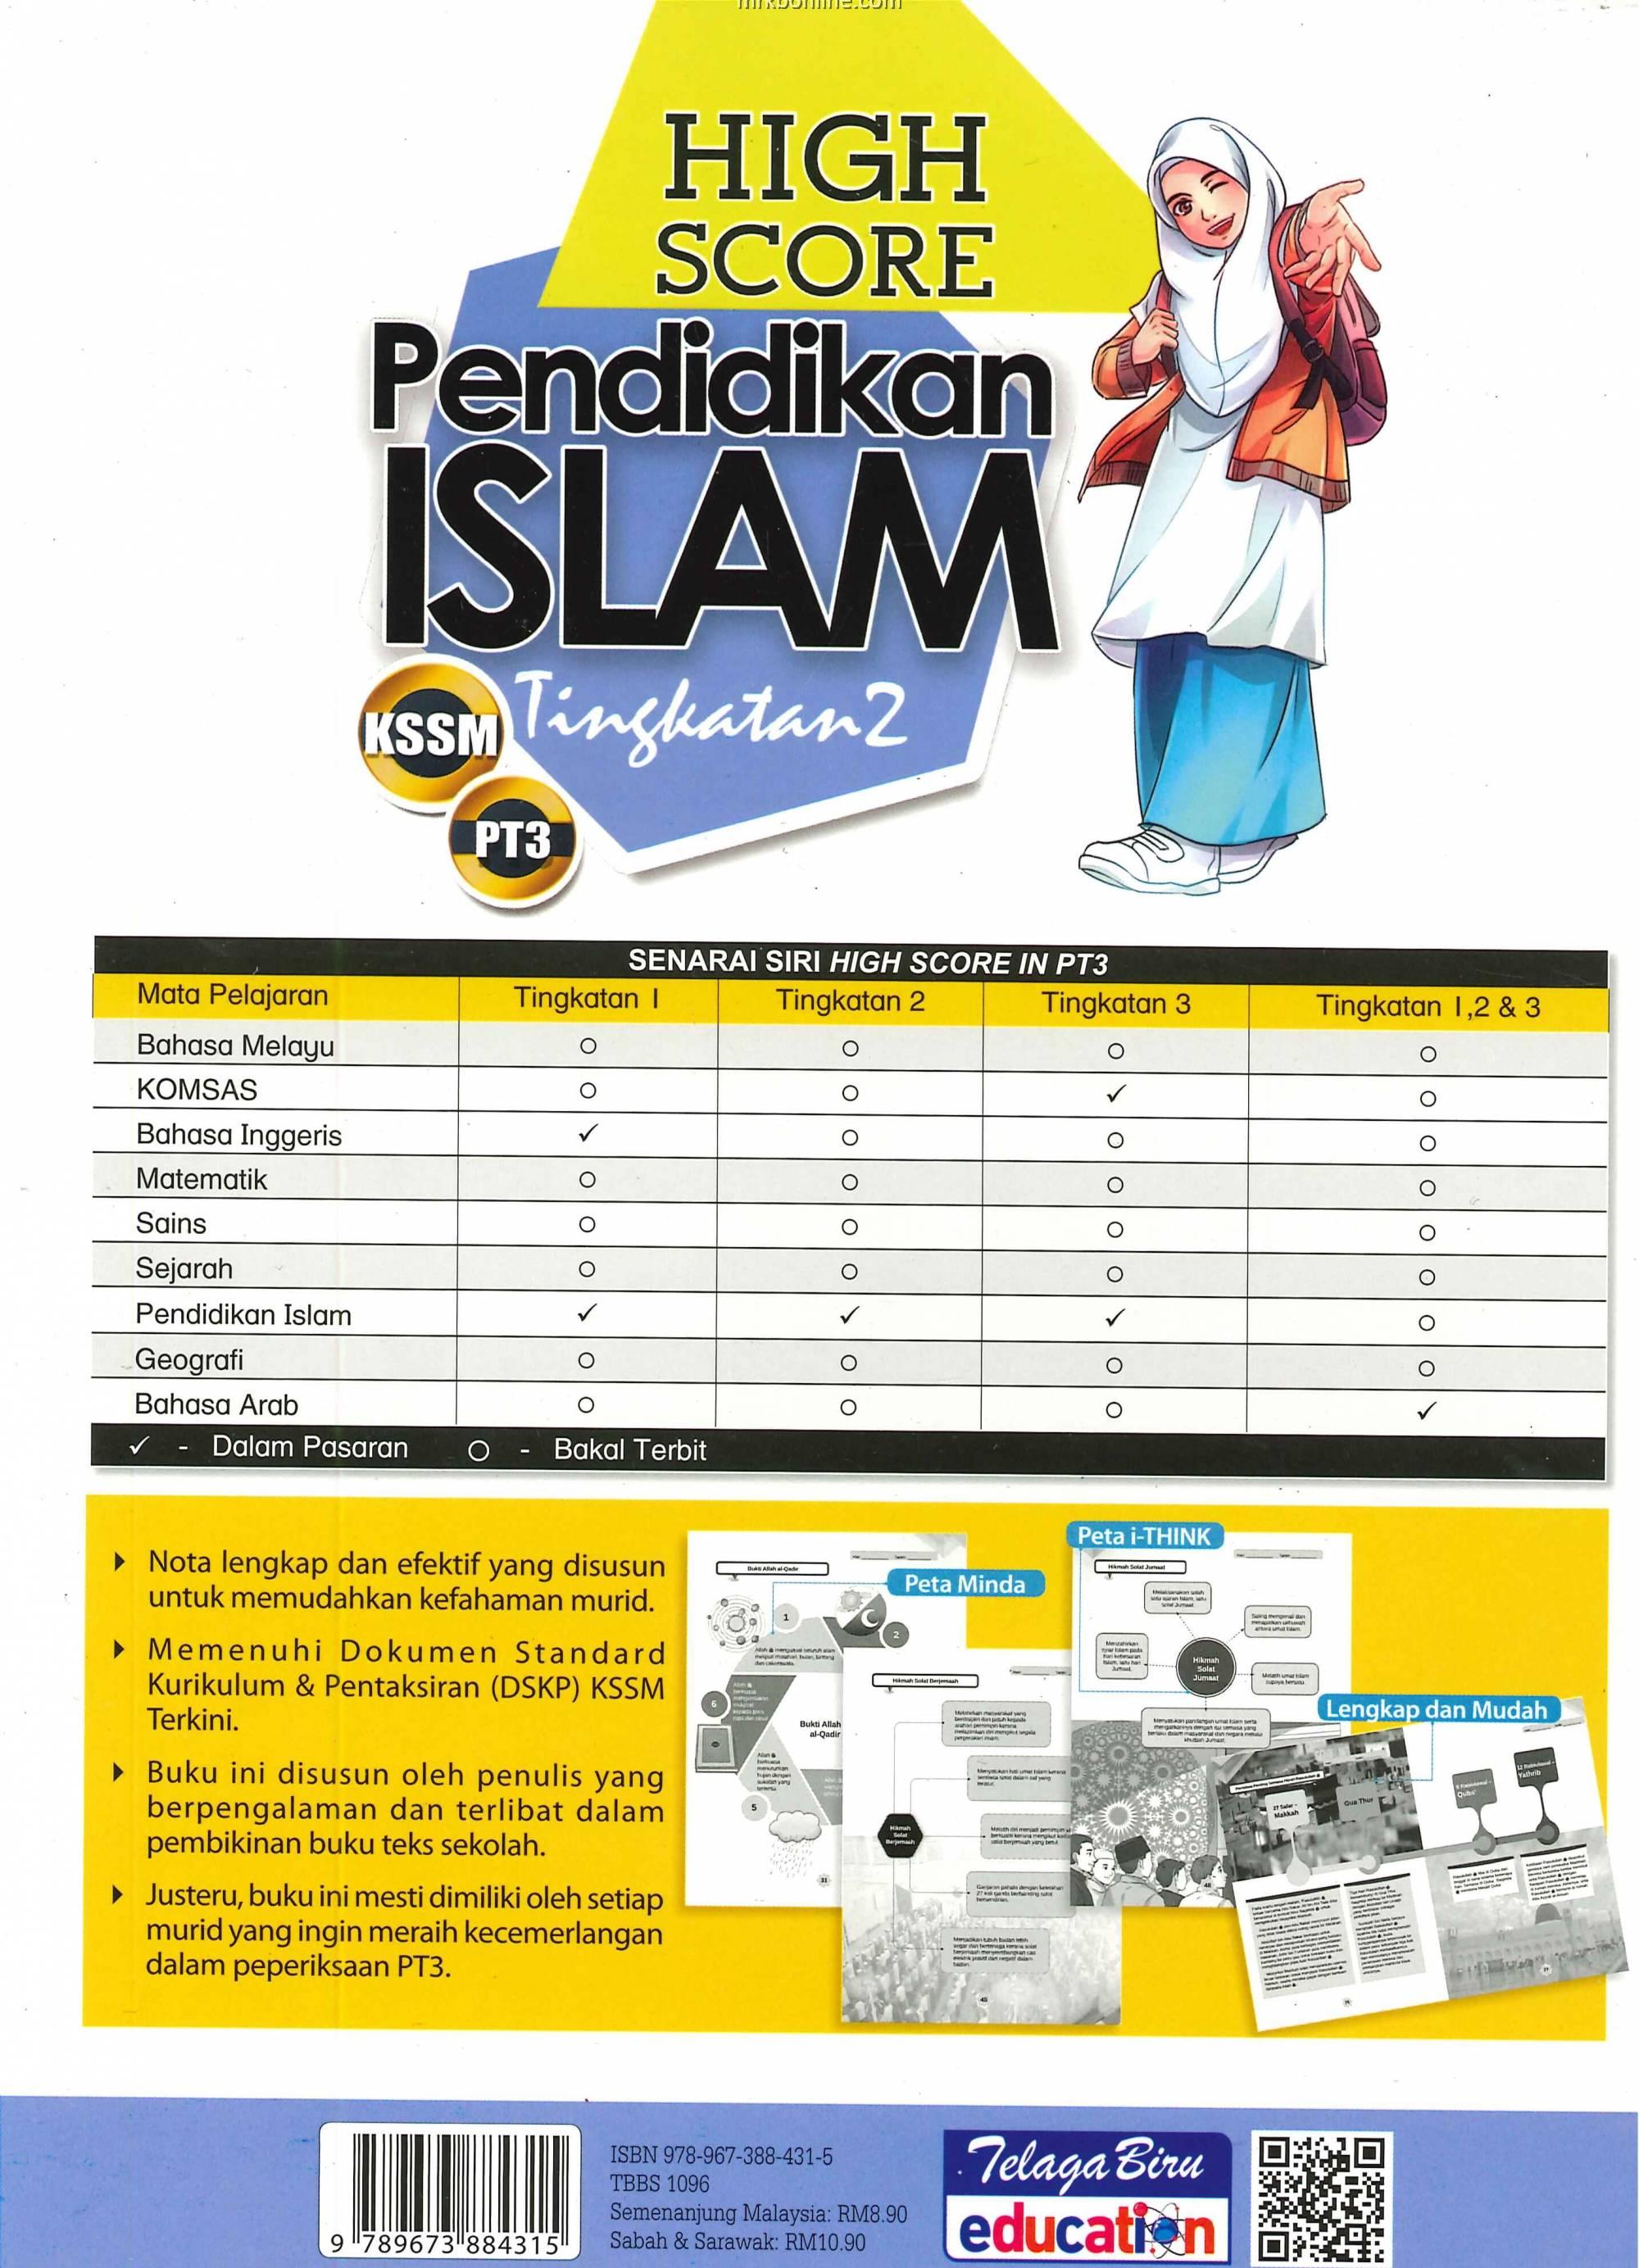 High Score Pendidikan Islam Tingkatan 2 Buku Nota